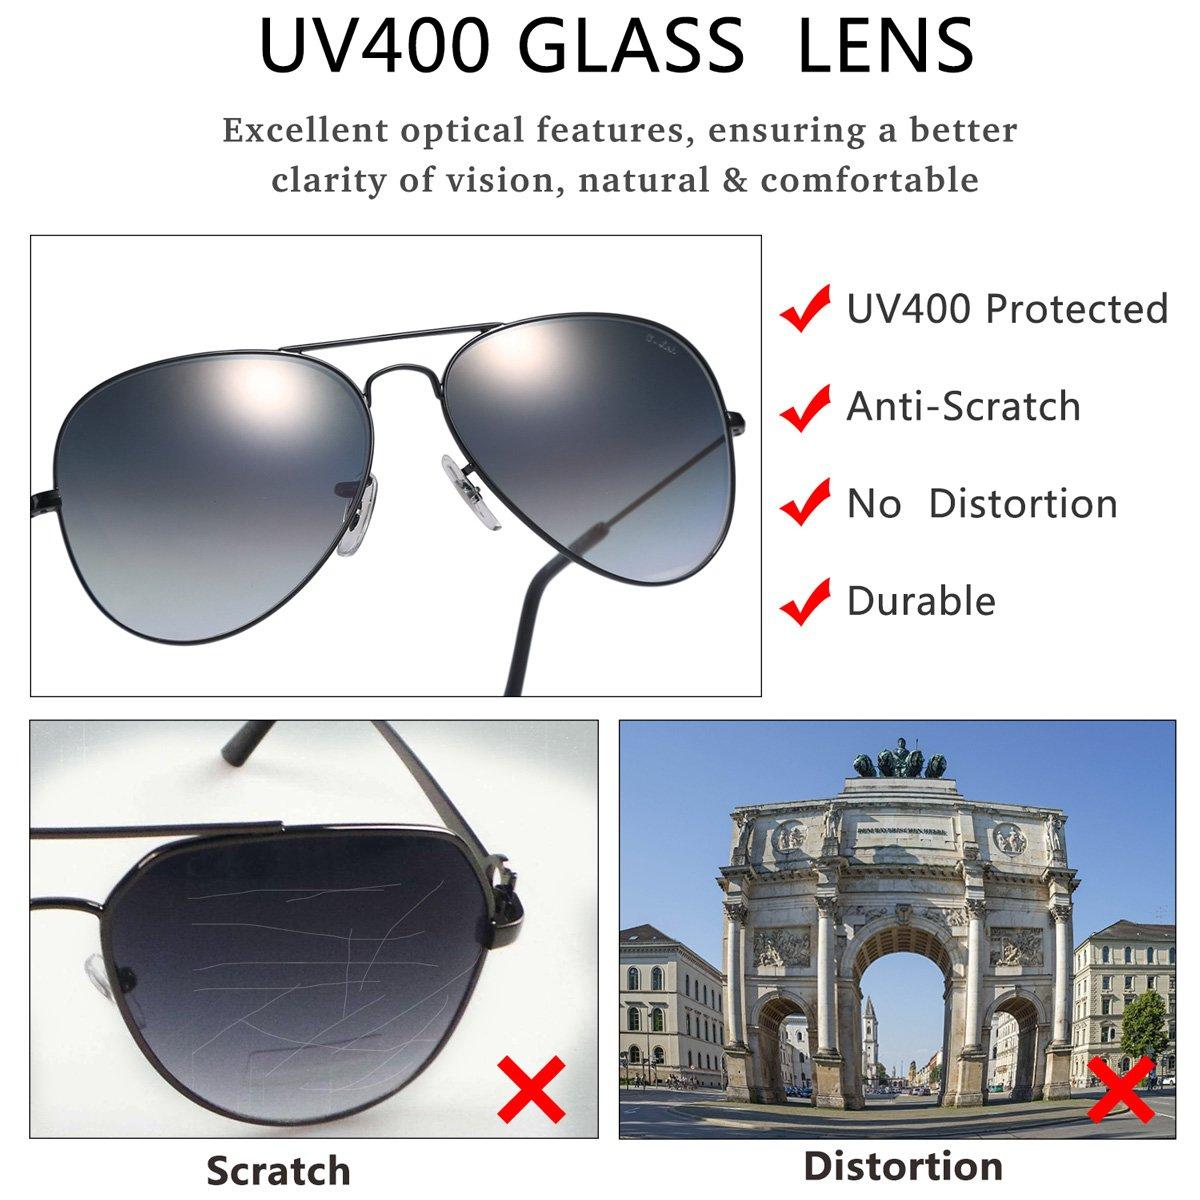 O-LET Aviator Sunglasses for Men Women Driving Fishing Glass Lens Aviators UV400 (62mm, Black Frame/aGrey Gradient Lens) by O-LET (Image #2)